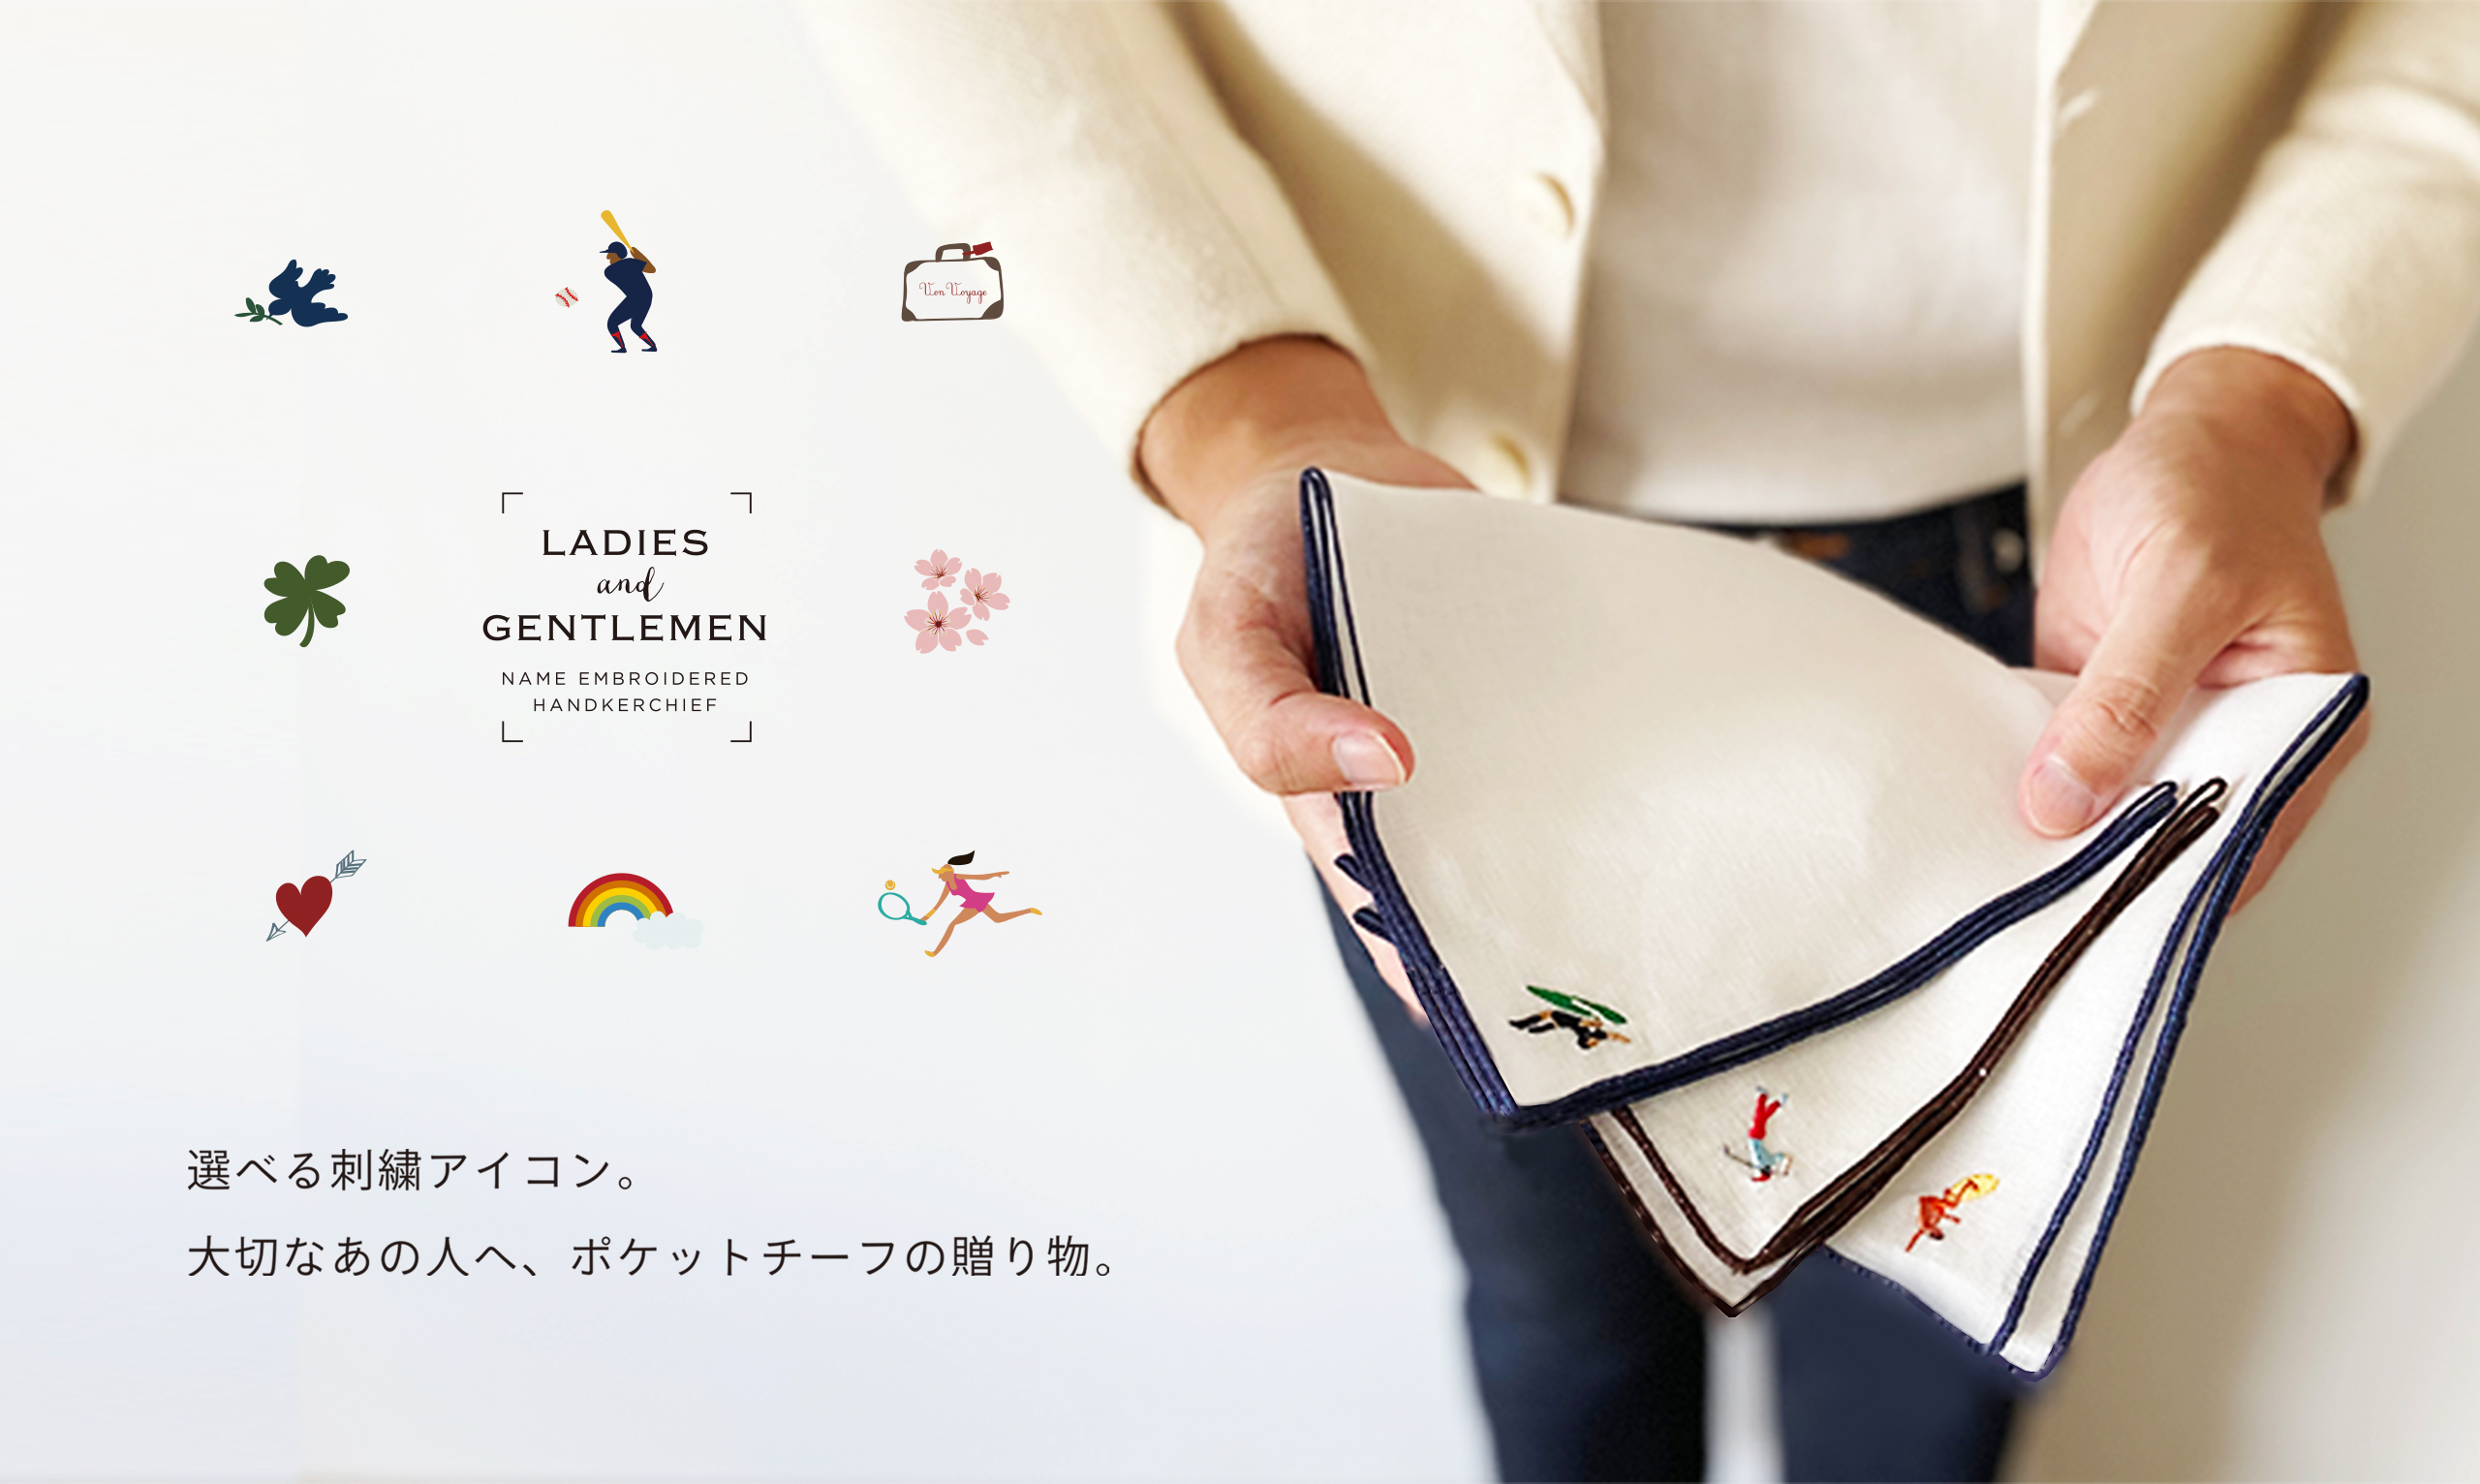 ポケットチーフ紹介